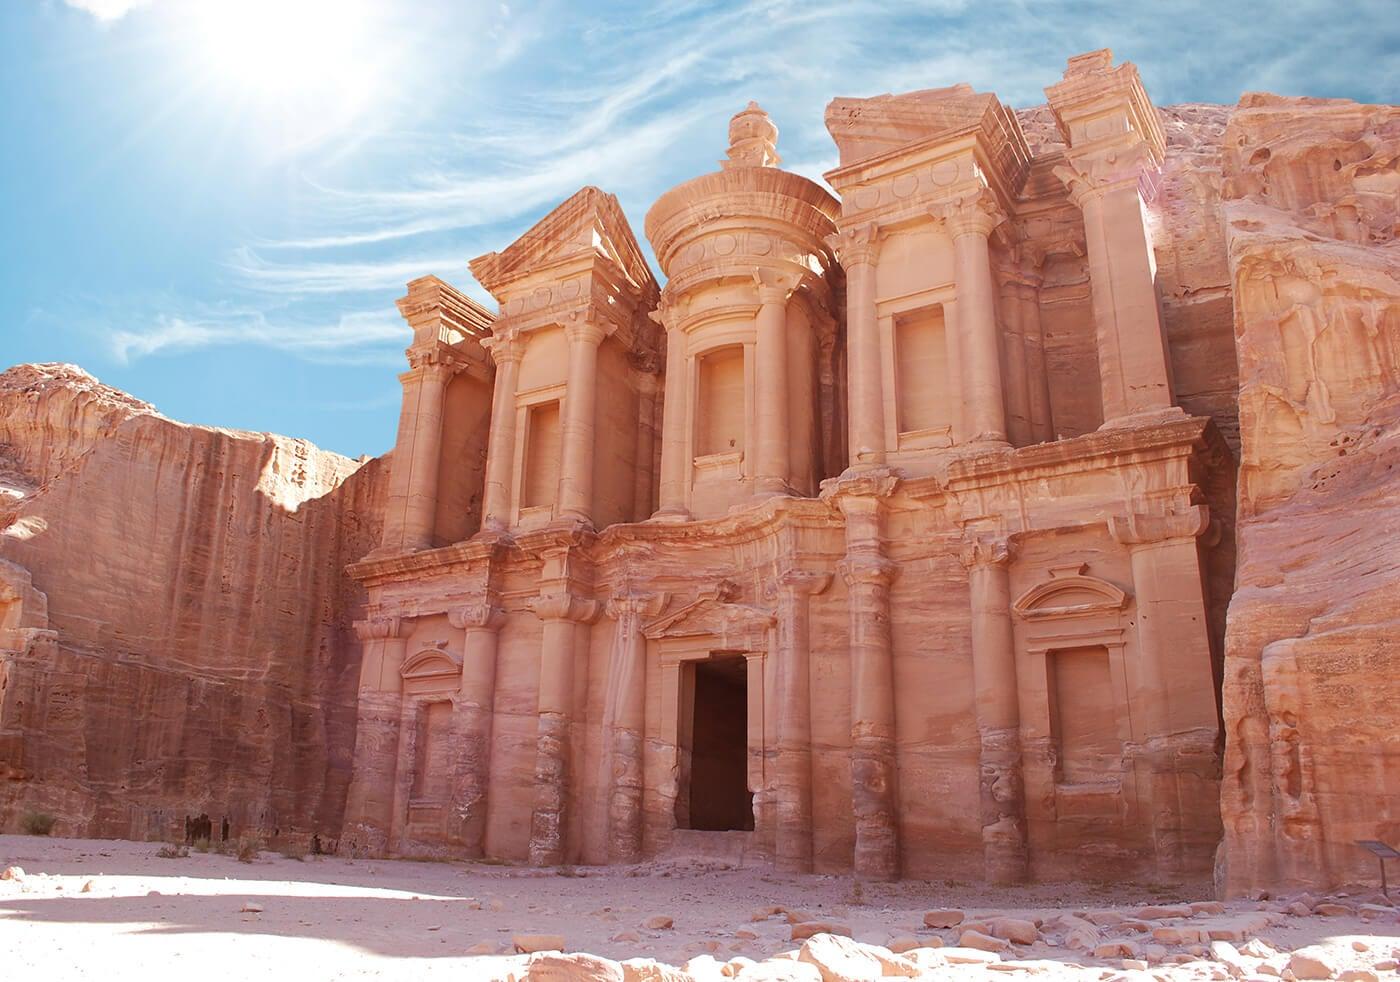 El Monasterio de la ciudad de Petra